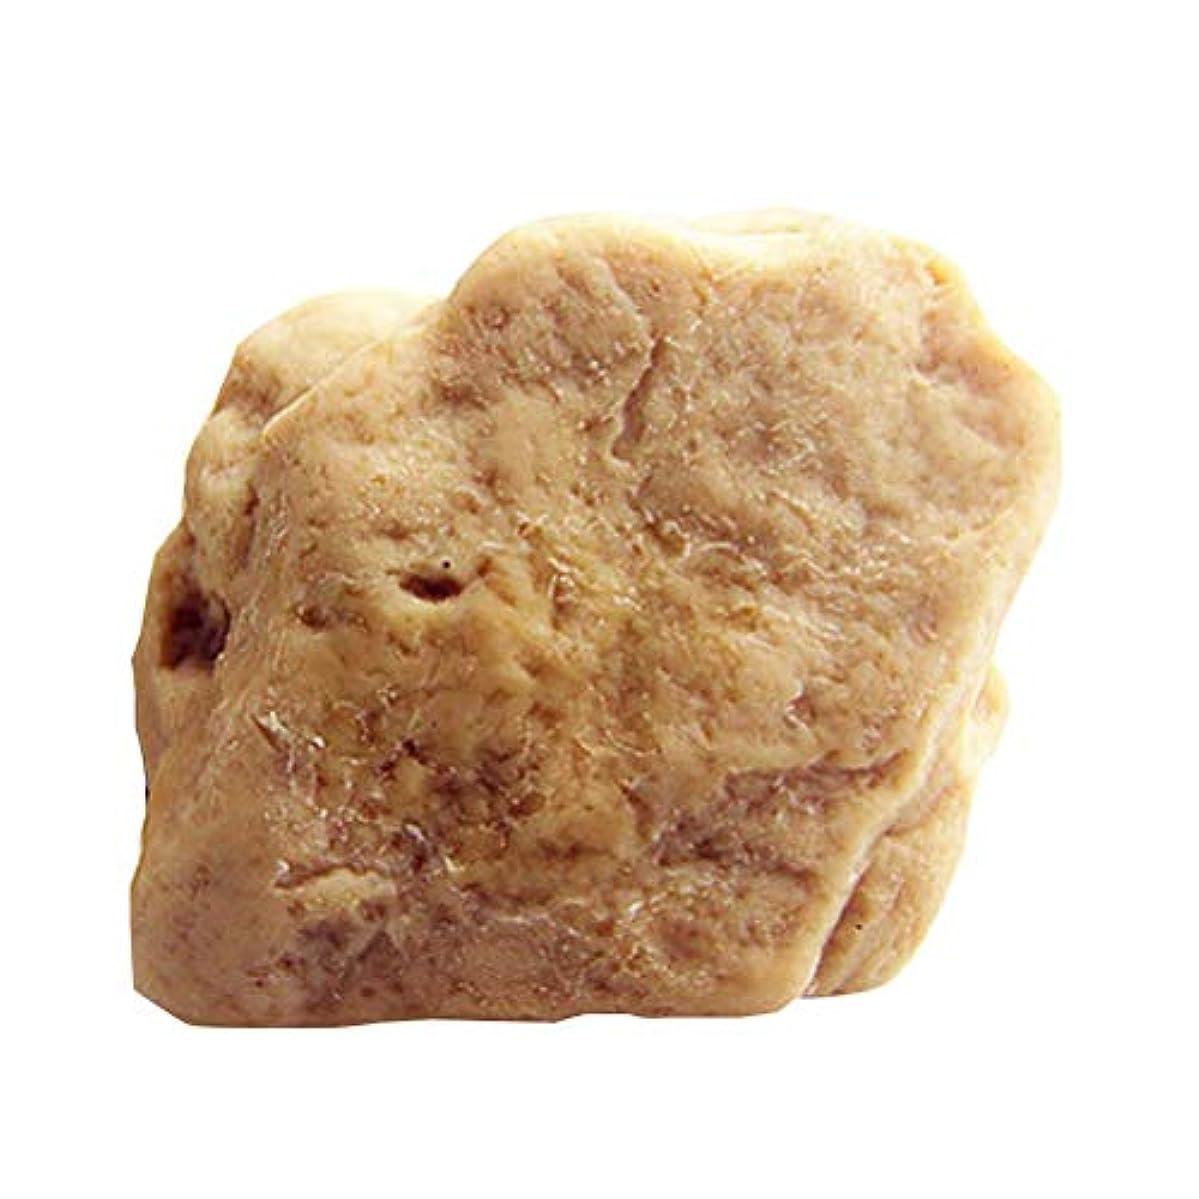 注ぎますスタック老人Creacom オリーブオイル 石鹸 肌に優しい無添加 毛穴 対策 洗顔石鹸 保湿 固形 毛穴 黒ずみ 肌荒れ くすみ ニキビ 美白 美肌 角質除去 肌荒れ 乾燥肌 オイル肌 混合肌 対策 全身可能